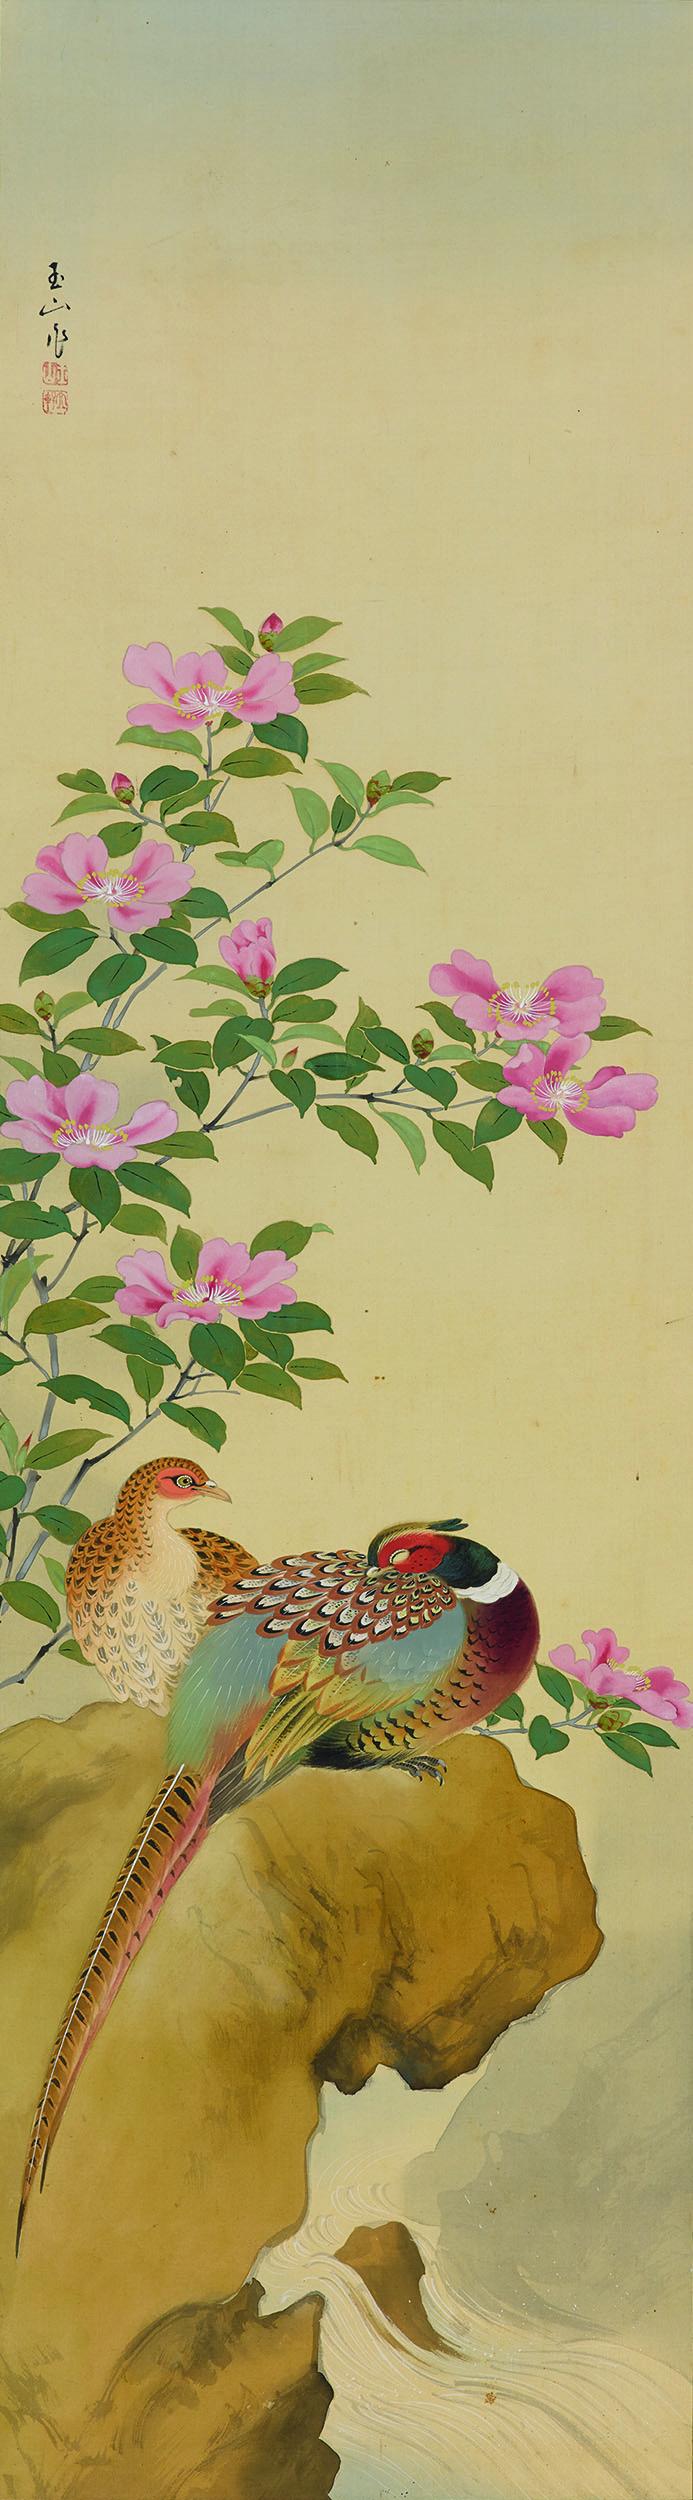 林玉山〈山茶雙雉(冬)〉1937膠彩125x35cm 國立臺灣美術館典藏